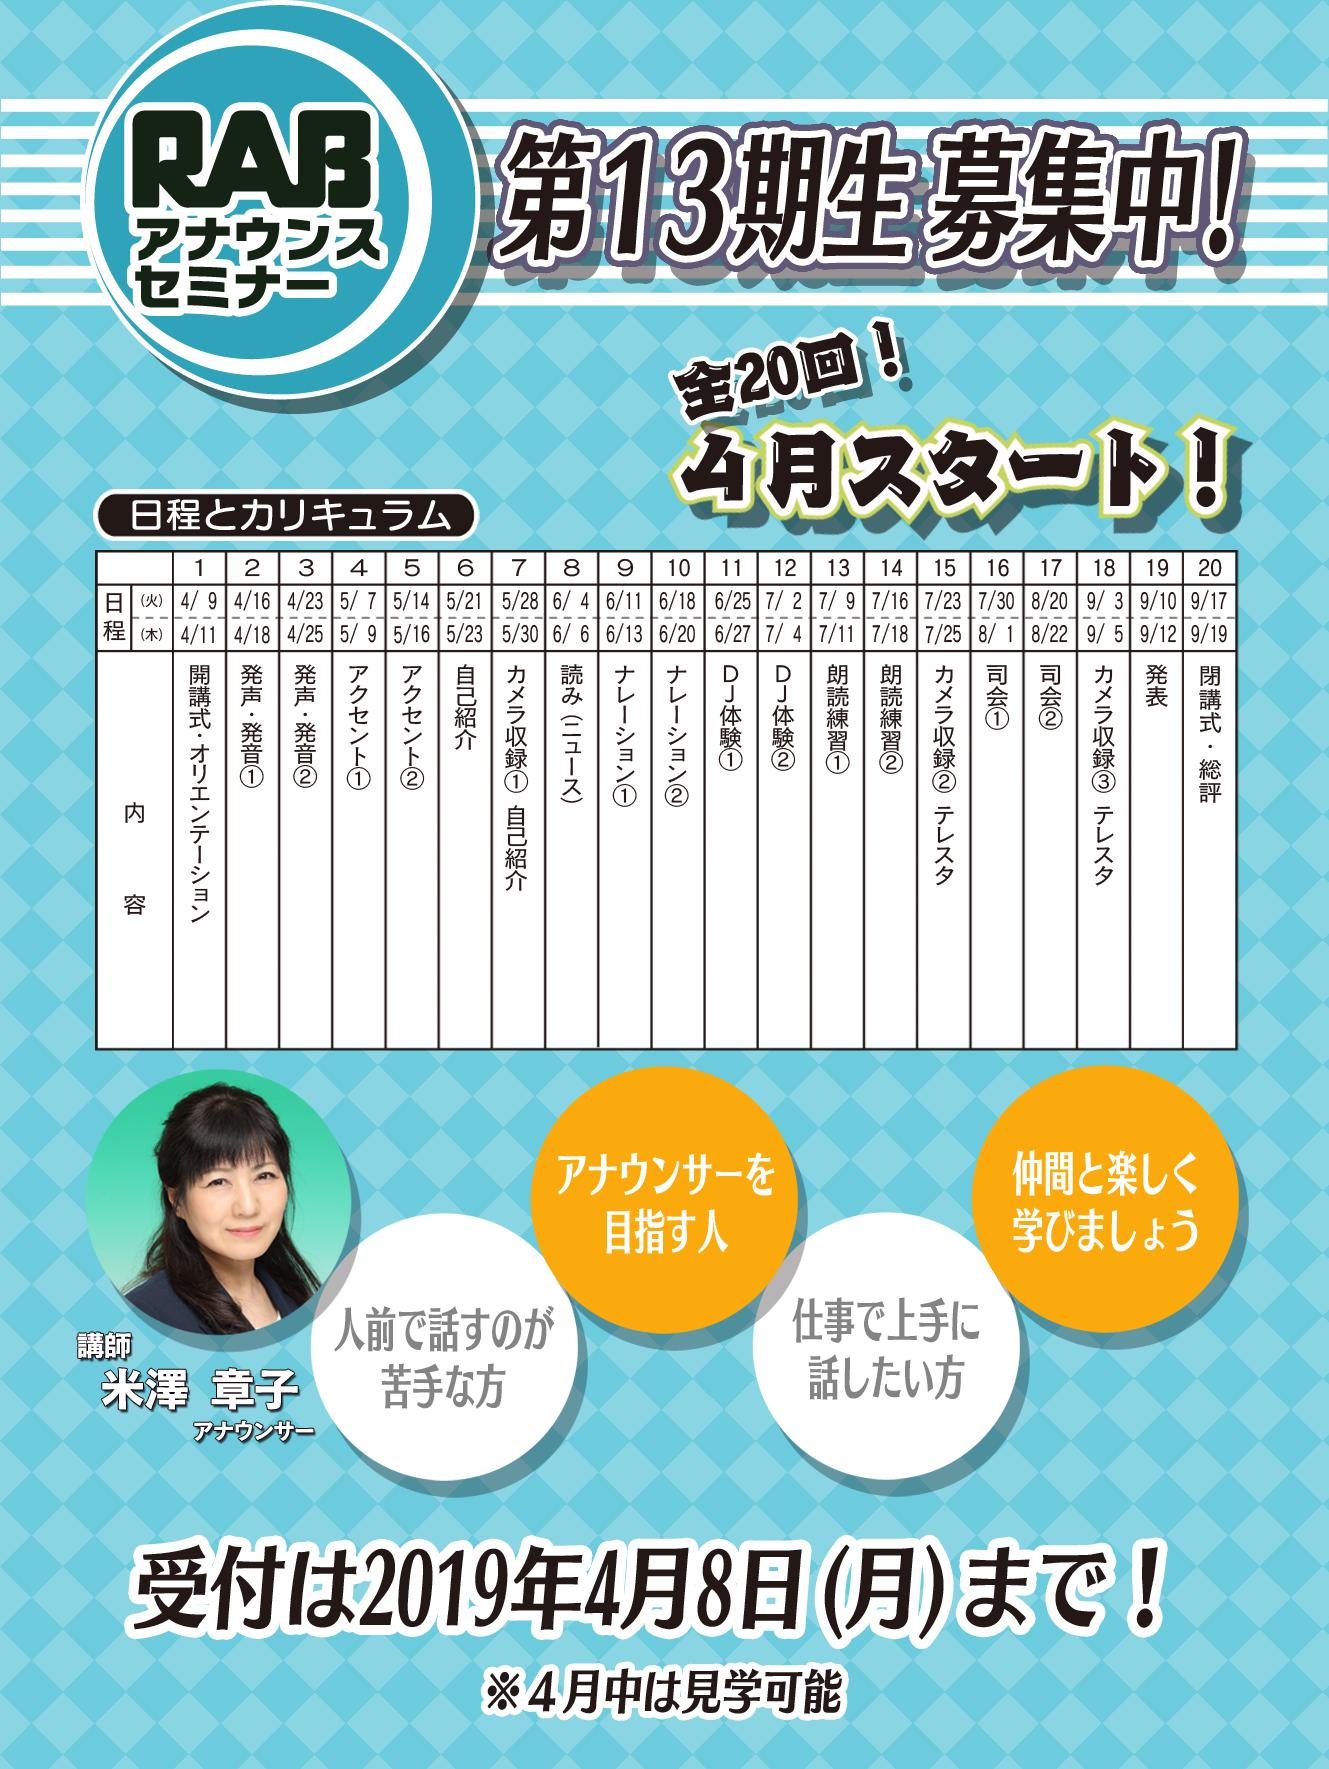 RABアナウンスセミナー 第13期生 募集中!